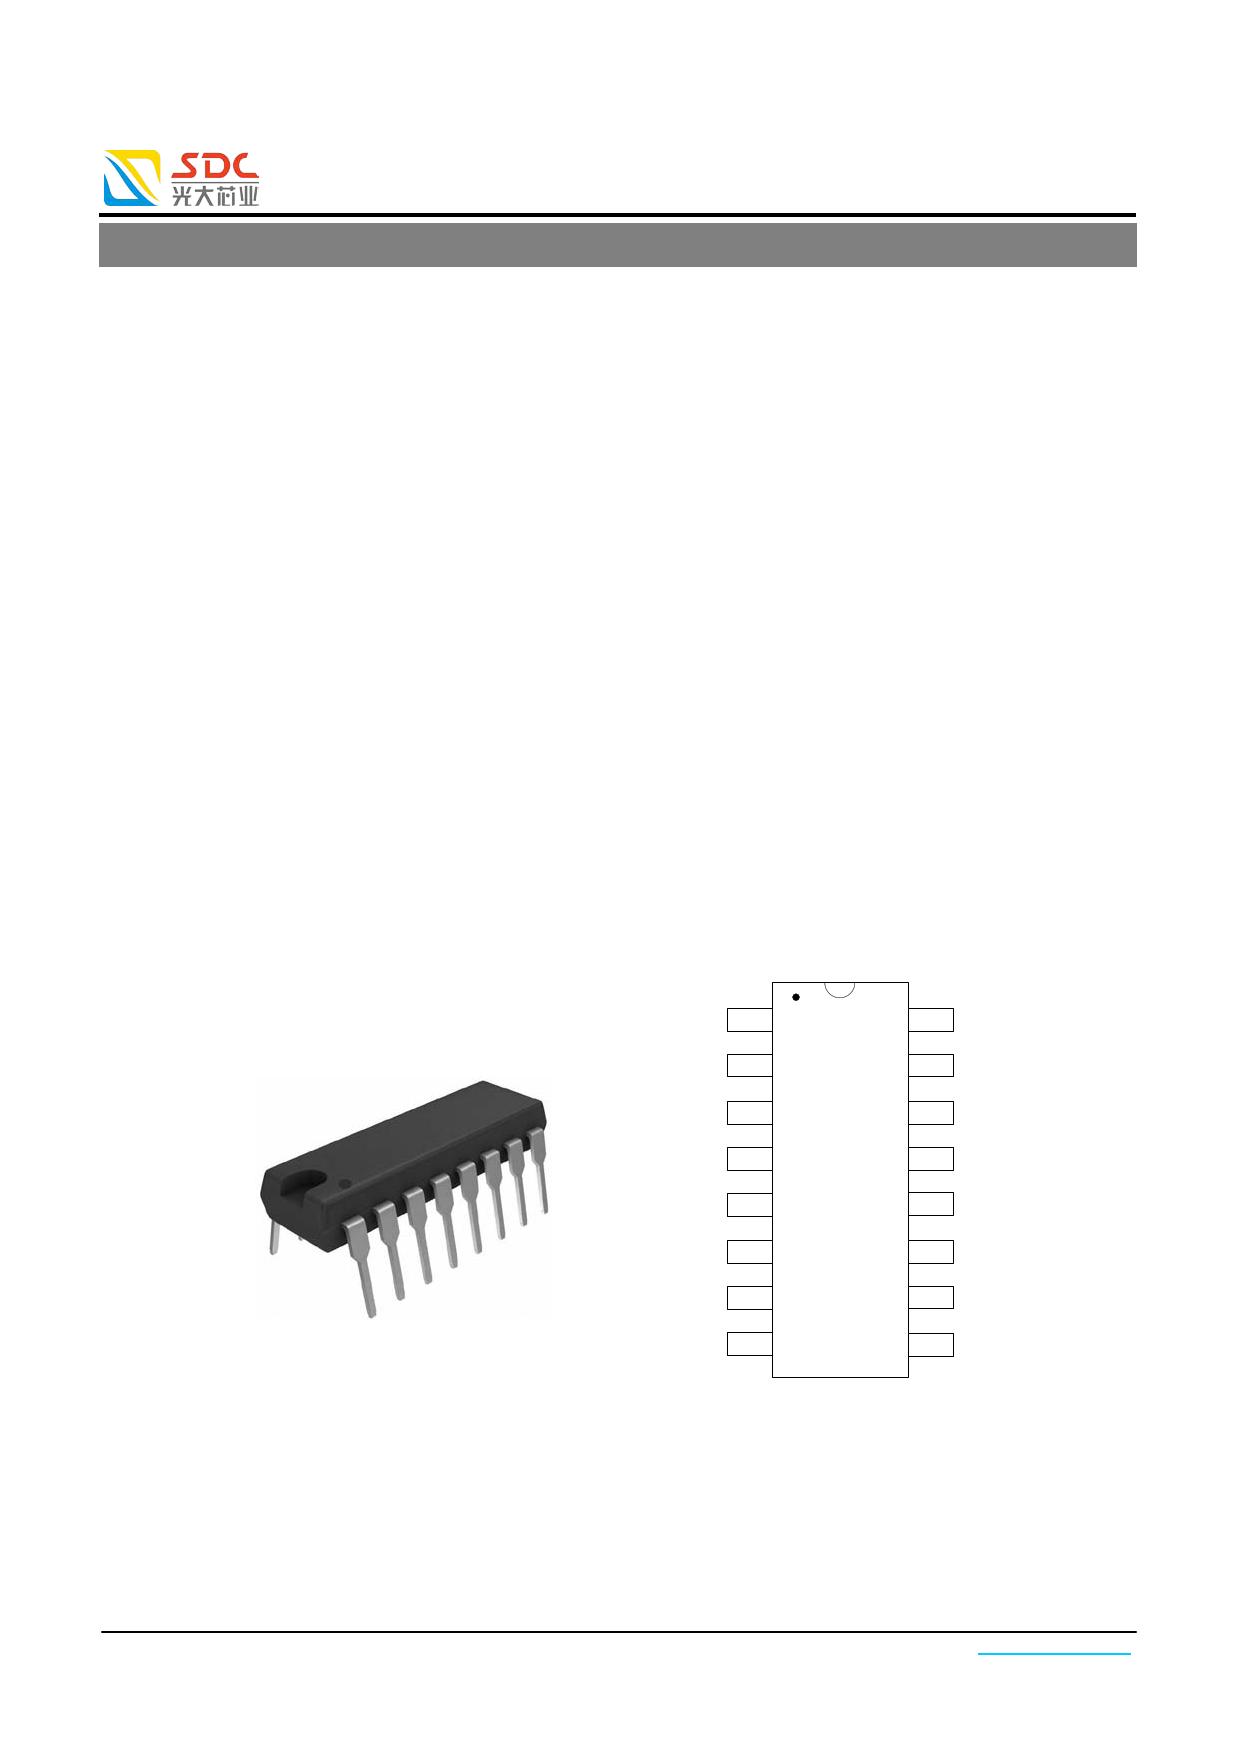 SDC7500 datasheet image